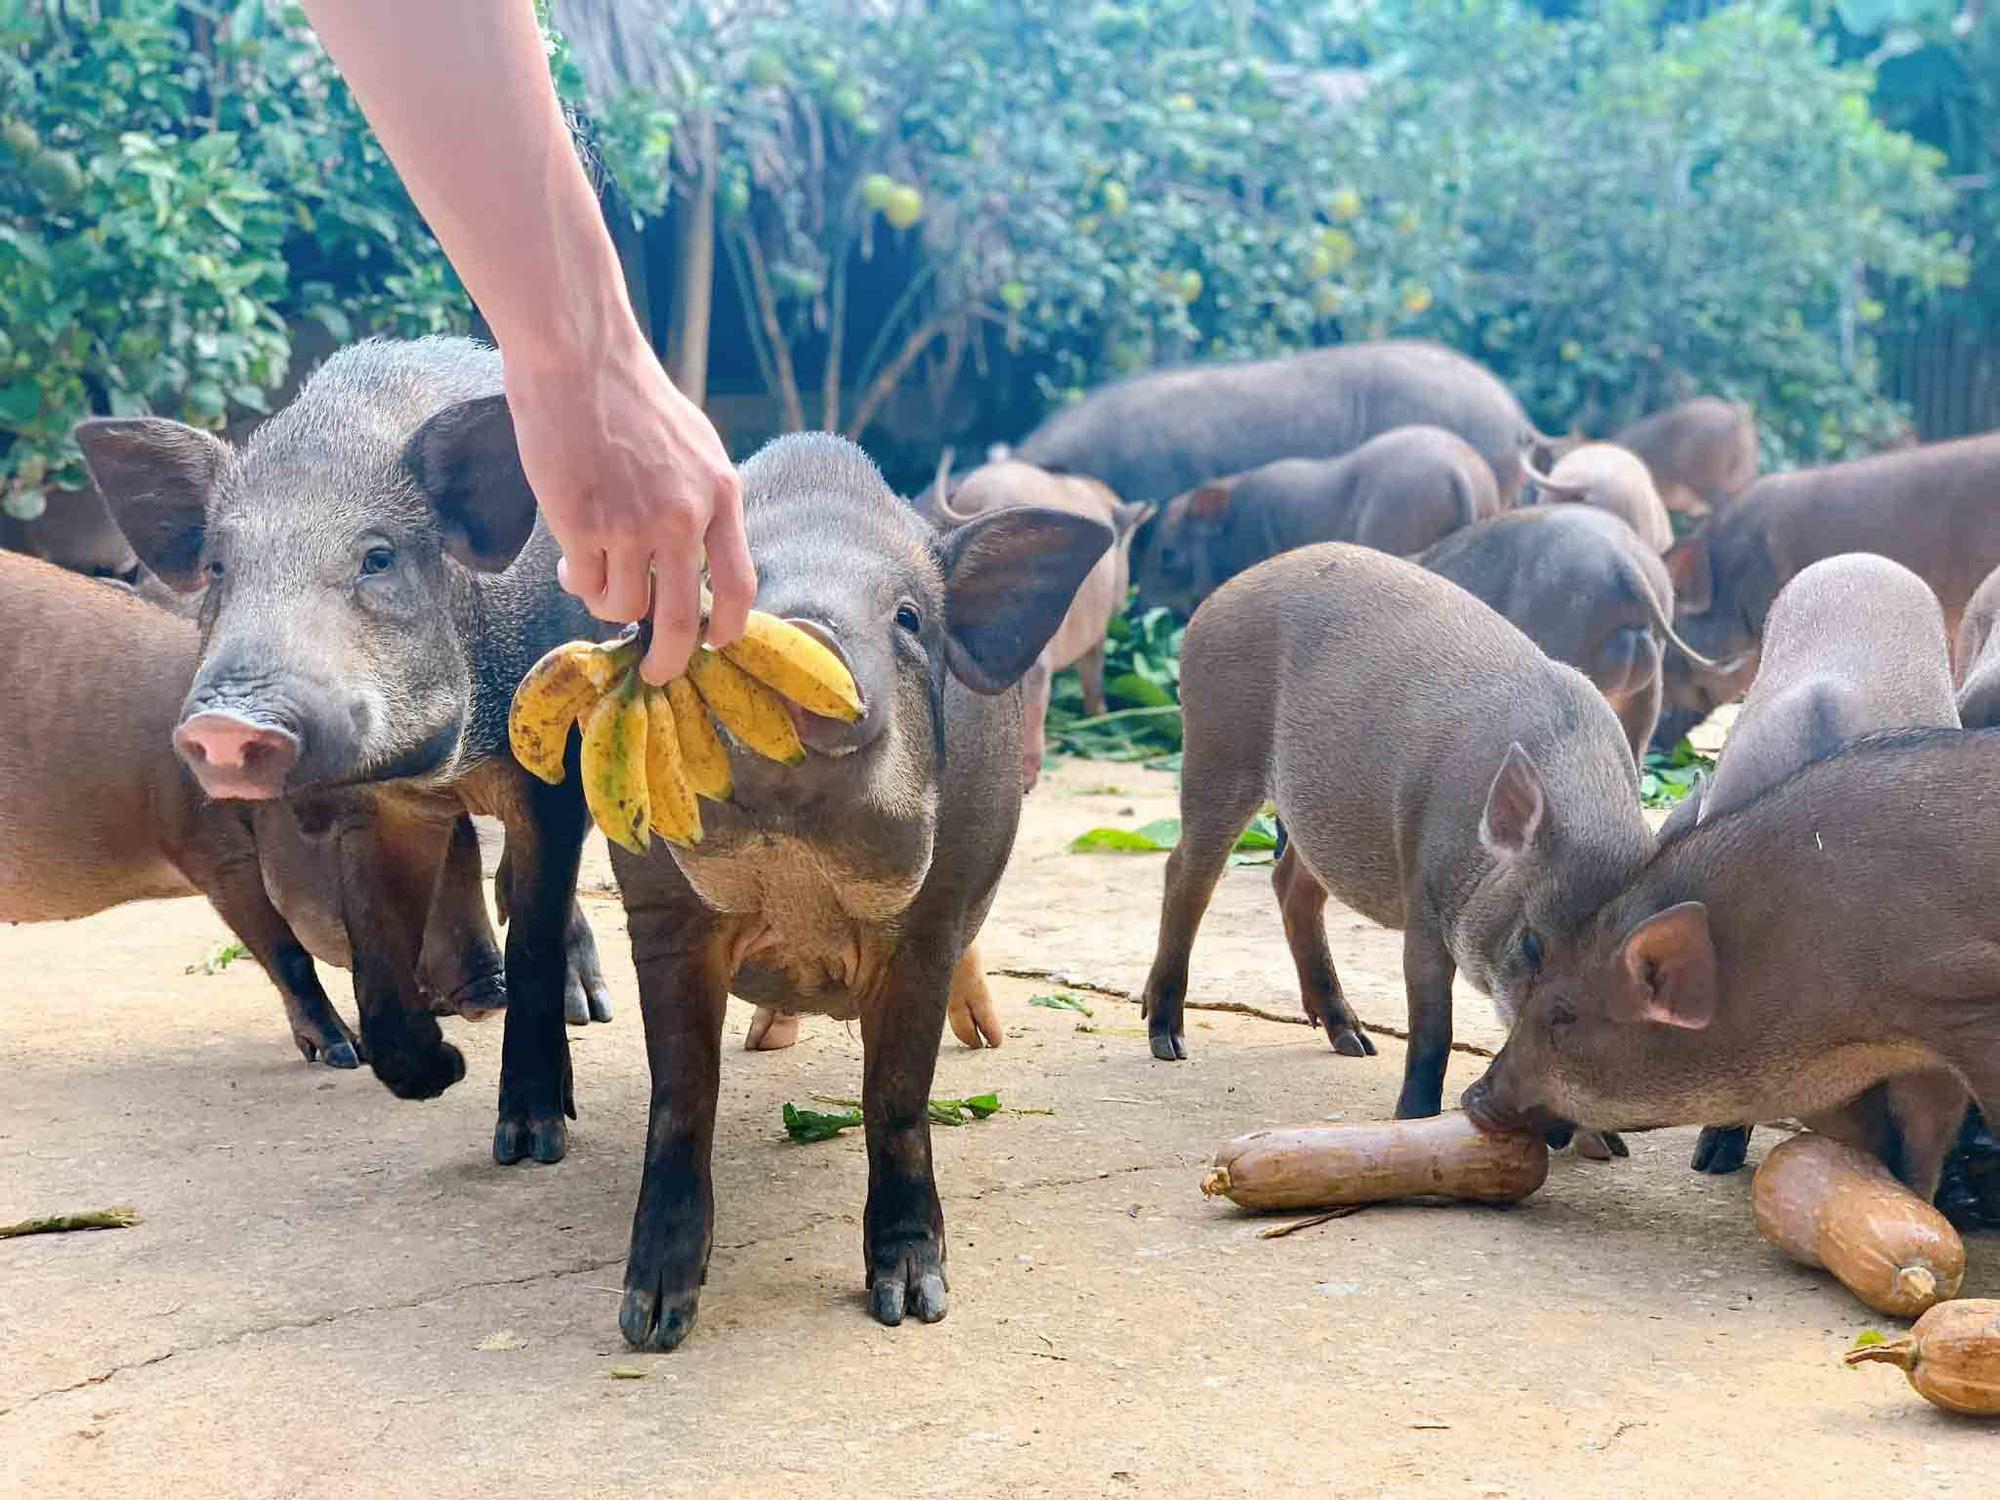 Đàn lợn rừng ăn dược liệu: Anh cán bộ xã thu tiền tỷ mỗi năm - Ảnh 3.